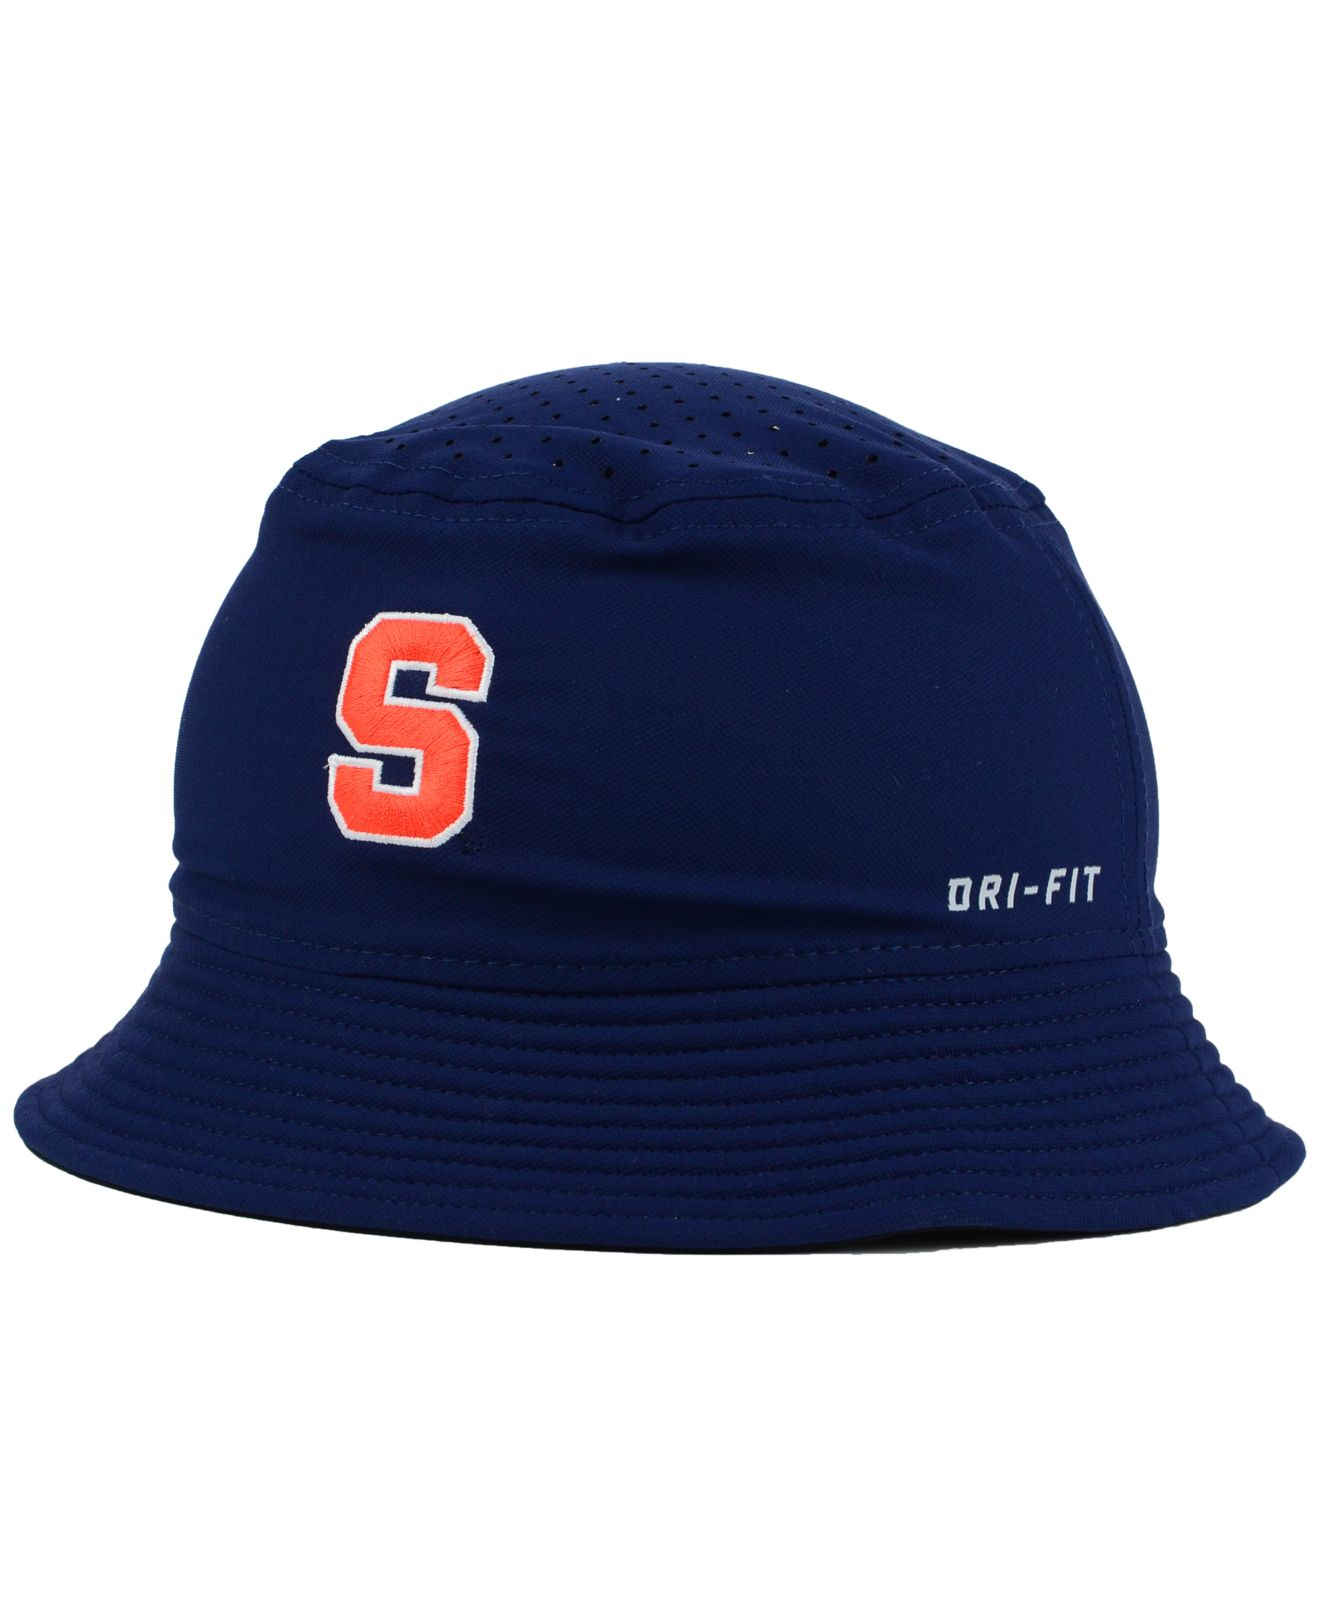 a5f23fe842a ... czech lyst nike syracuse orange vapor bucket hat in blue for men d7004  f98d4